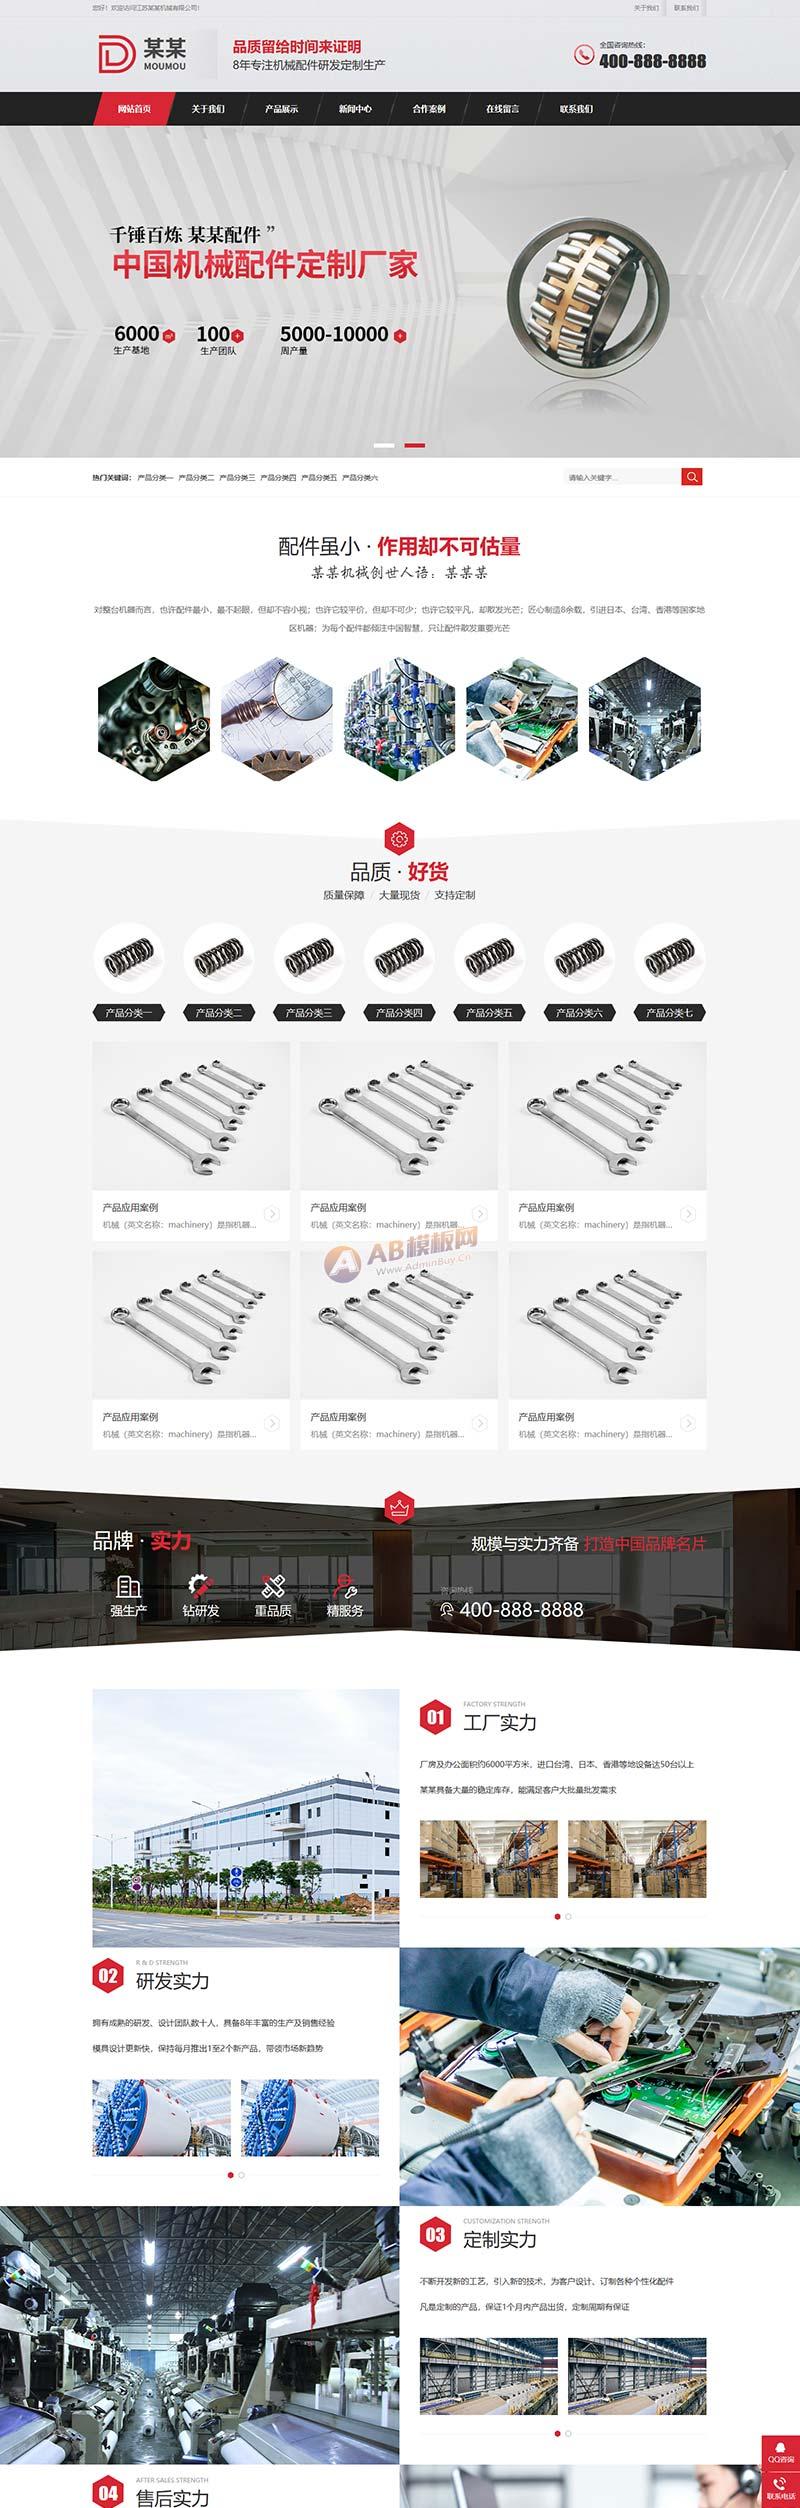 (带手机版数据同步)营销型螺纹螺钉类织梦模板 红色电镀机械配件网站模板下载